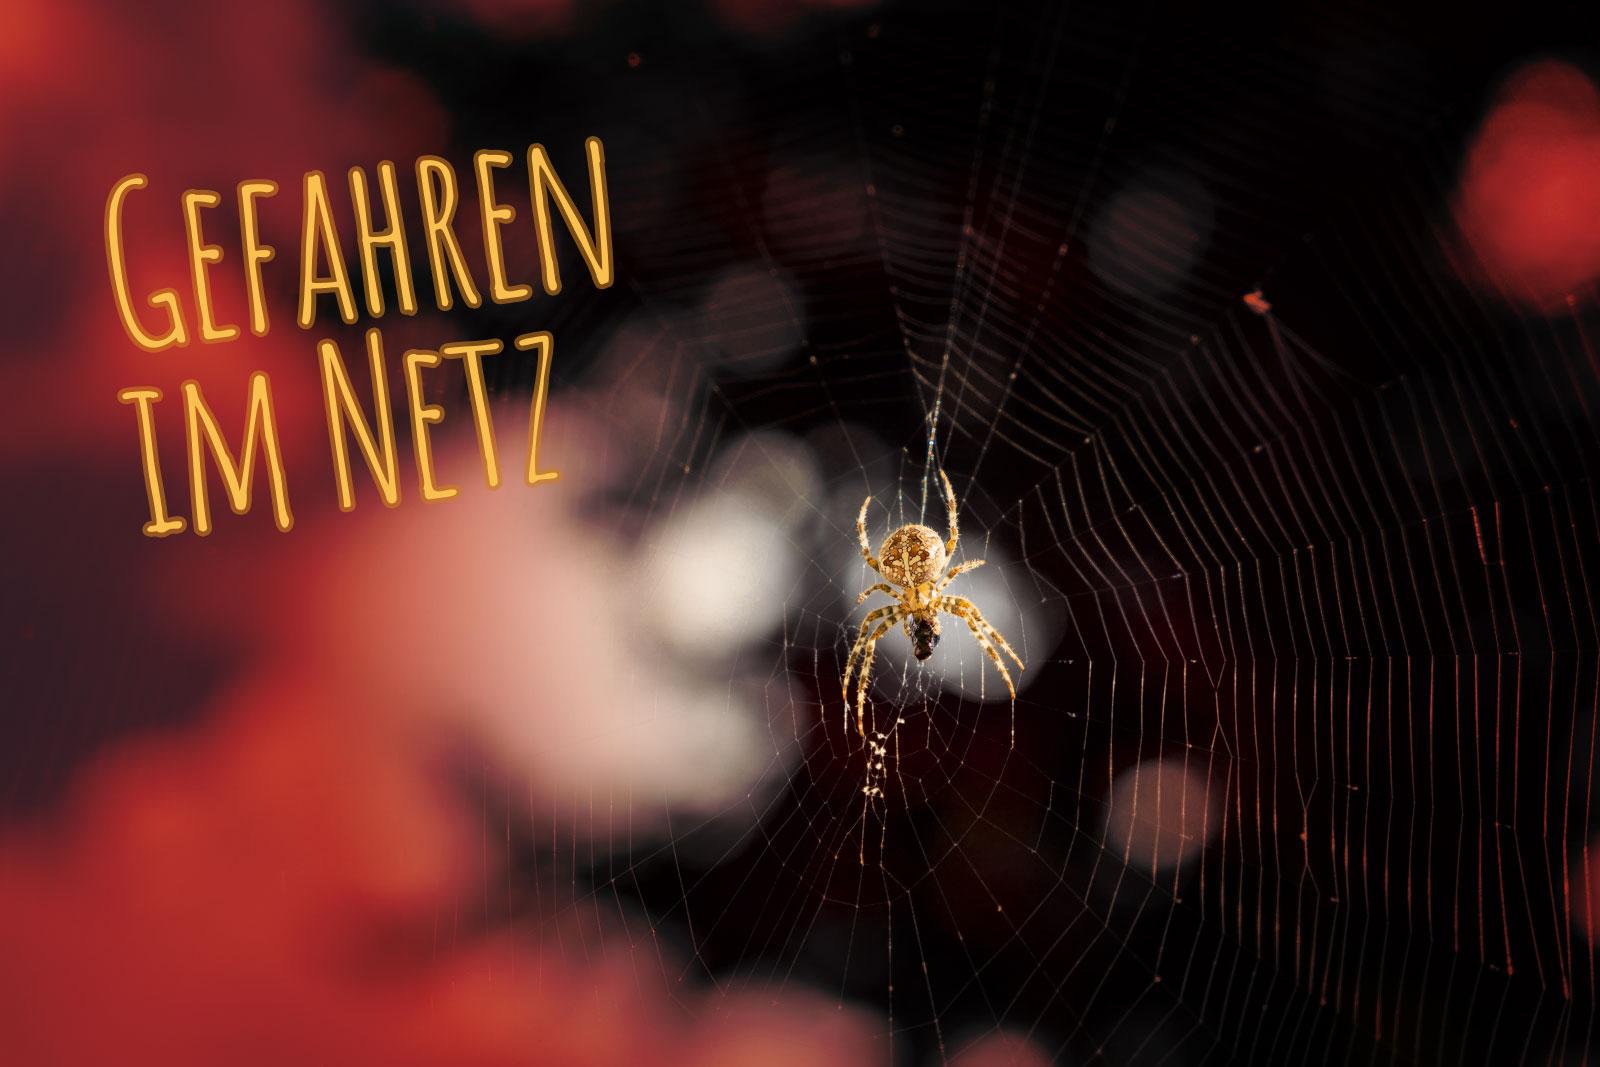 Das Spinnennetz als Sinnbild fürs WWW